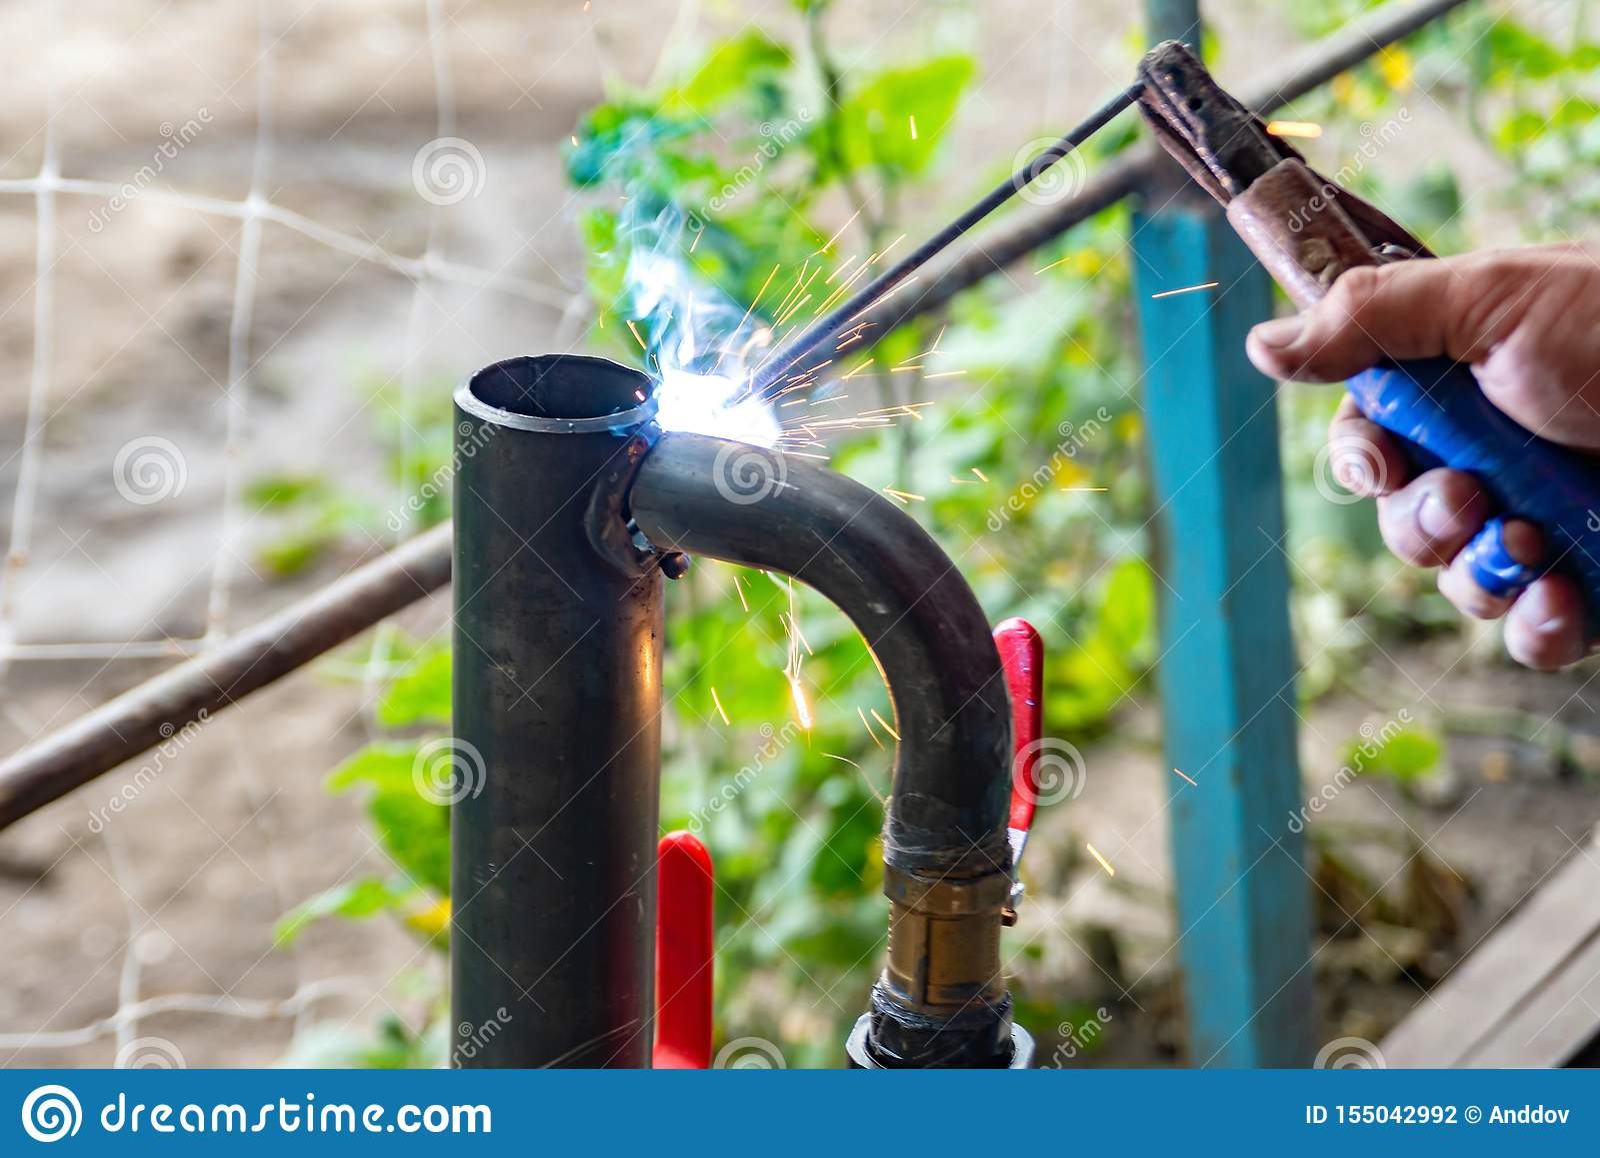 De arbeider kookt de het verwarmen pijp, die verbinding lassen Het voorbereidingen treffen voor de winter het verwarmen